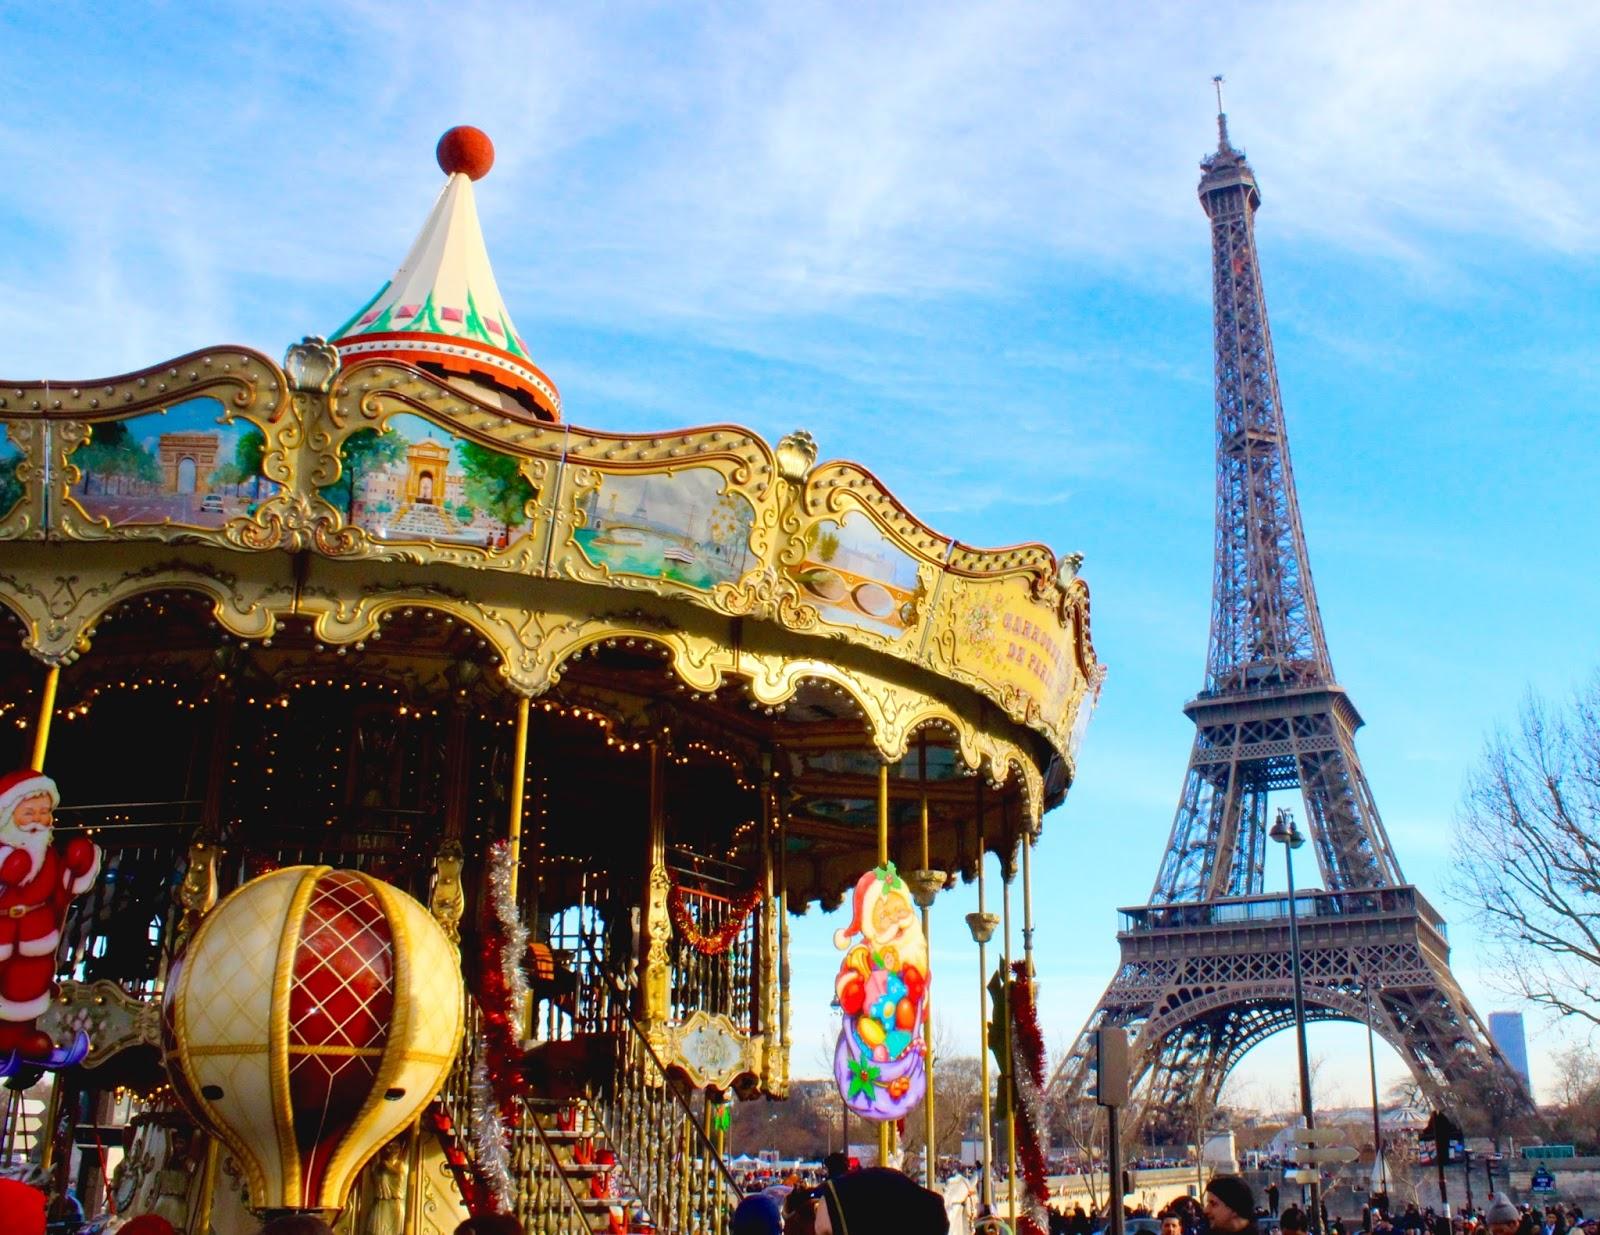 Jalan-Jalan di Paris - Eiffel Tower Merry Go Round